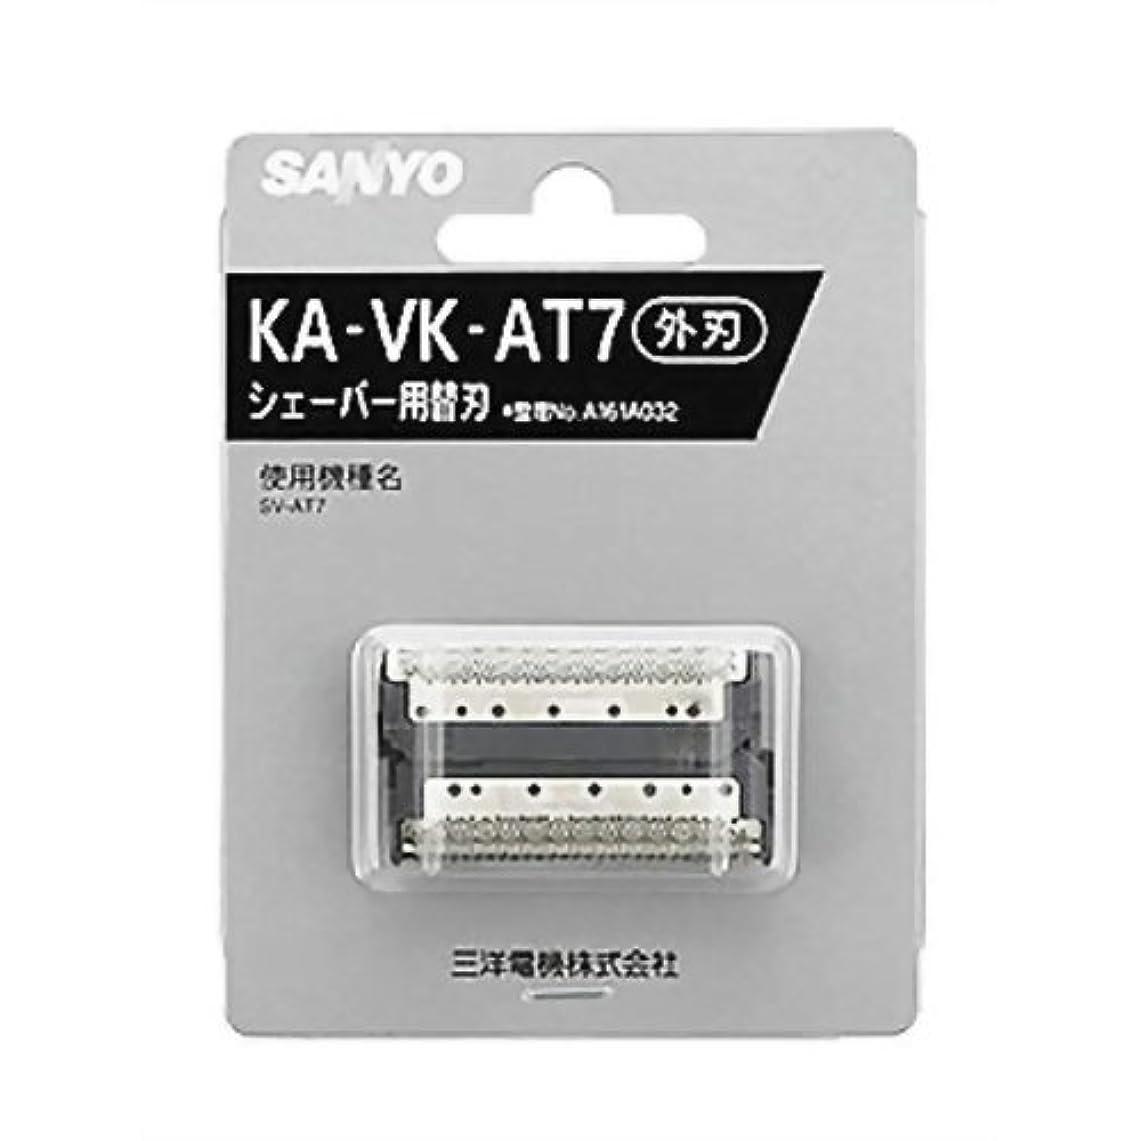 弾性幻影リルSANYO メンズシェーバー替刃(外刃) KA-VK-AT7